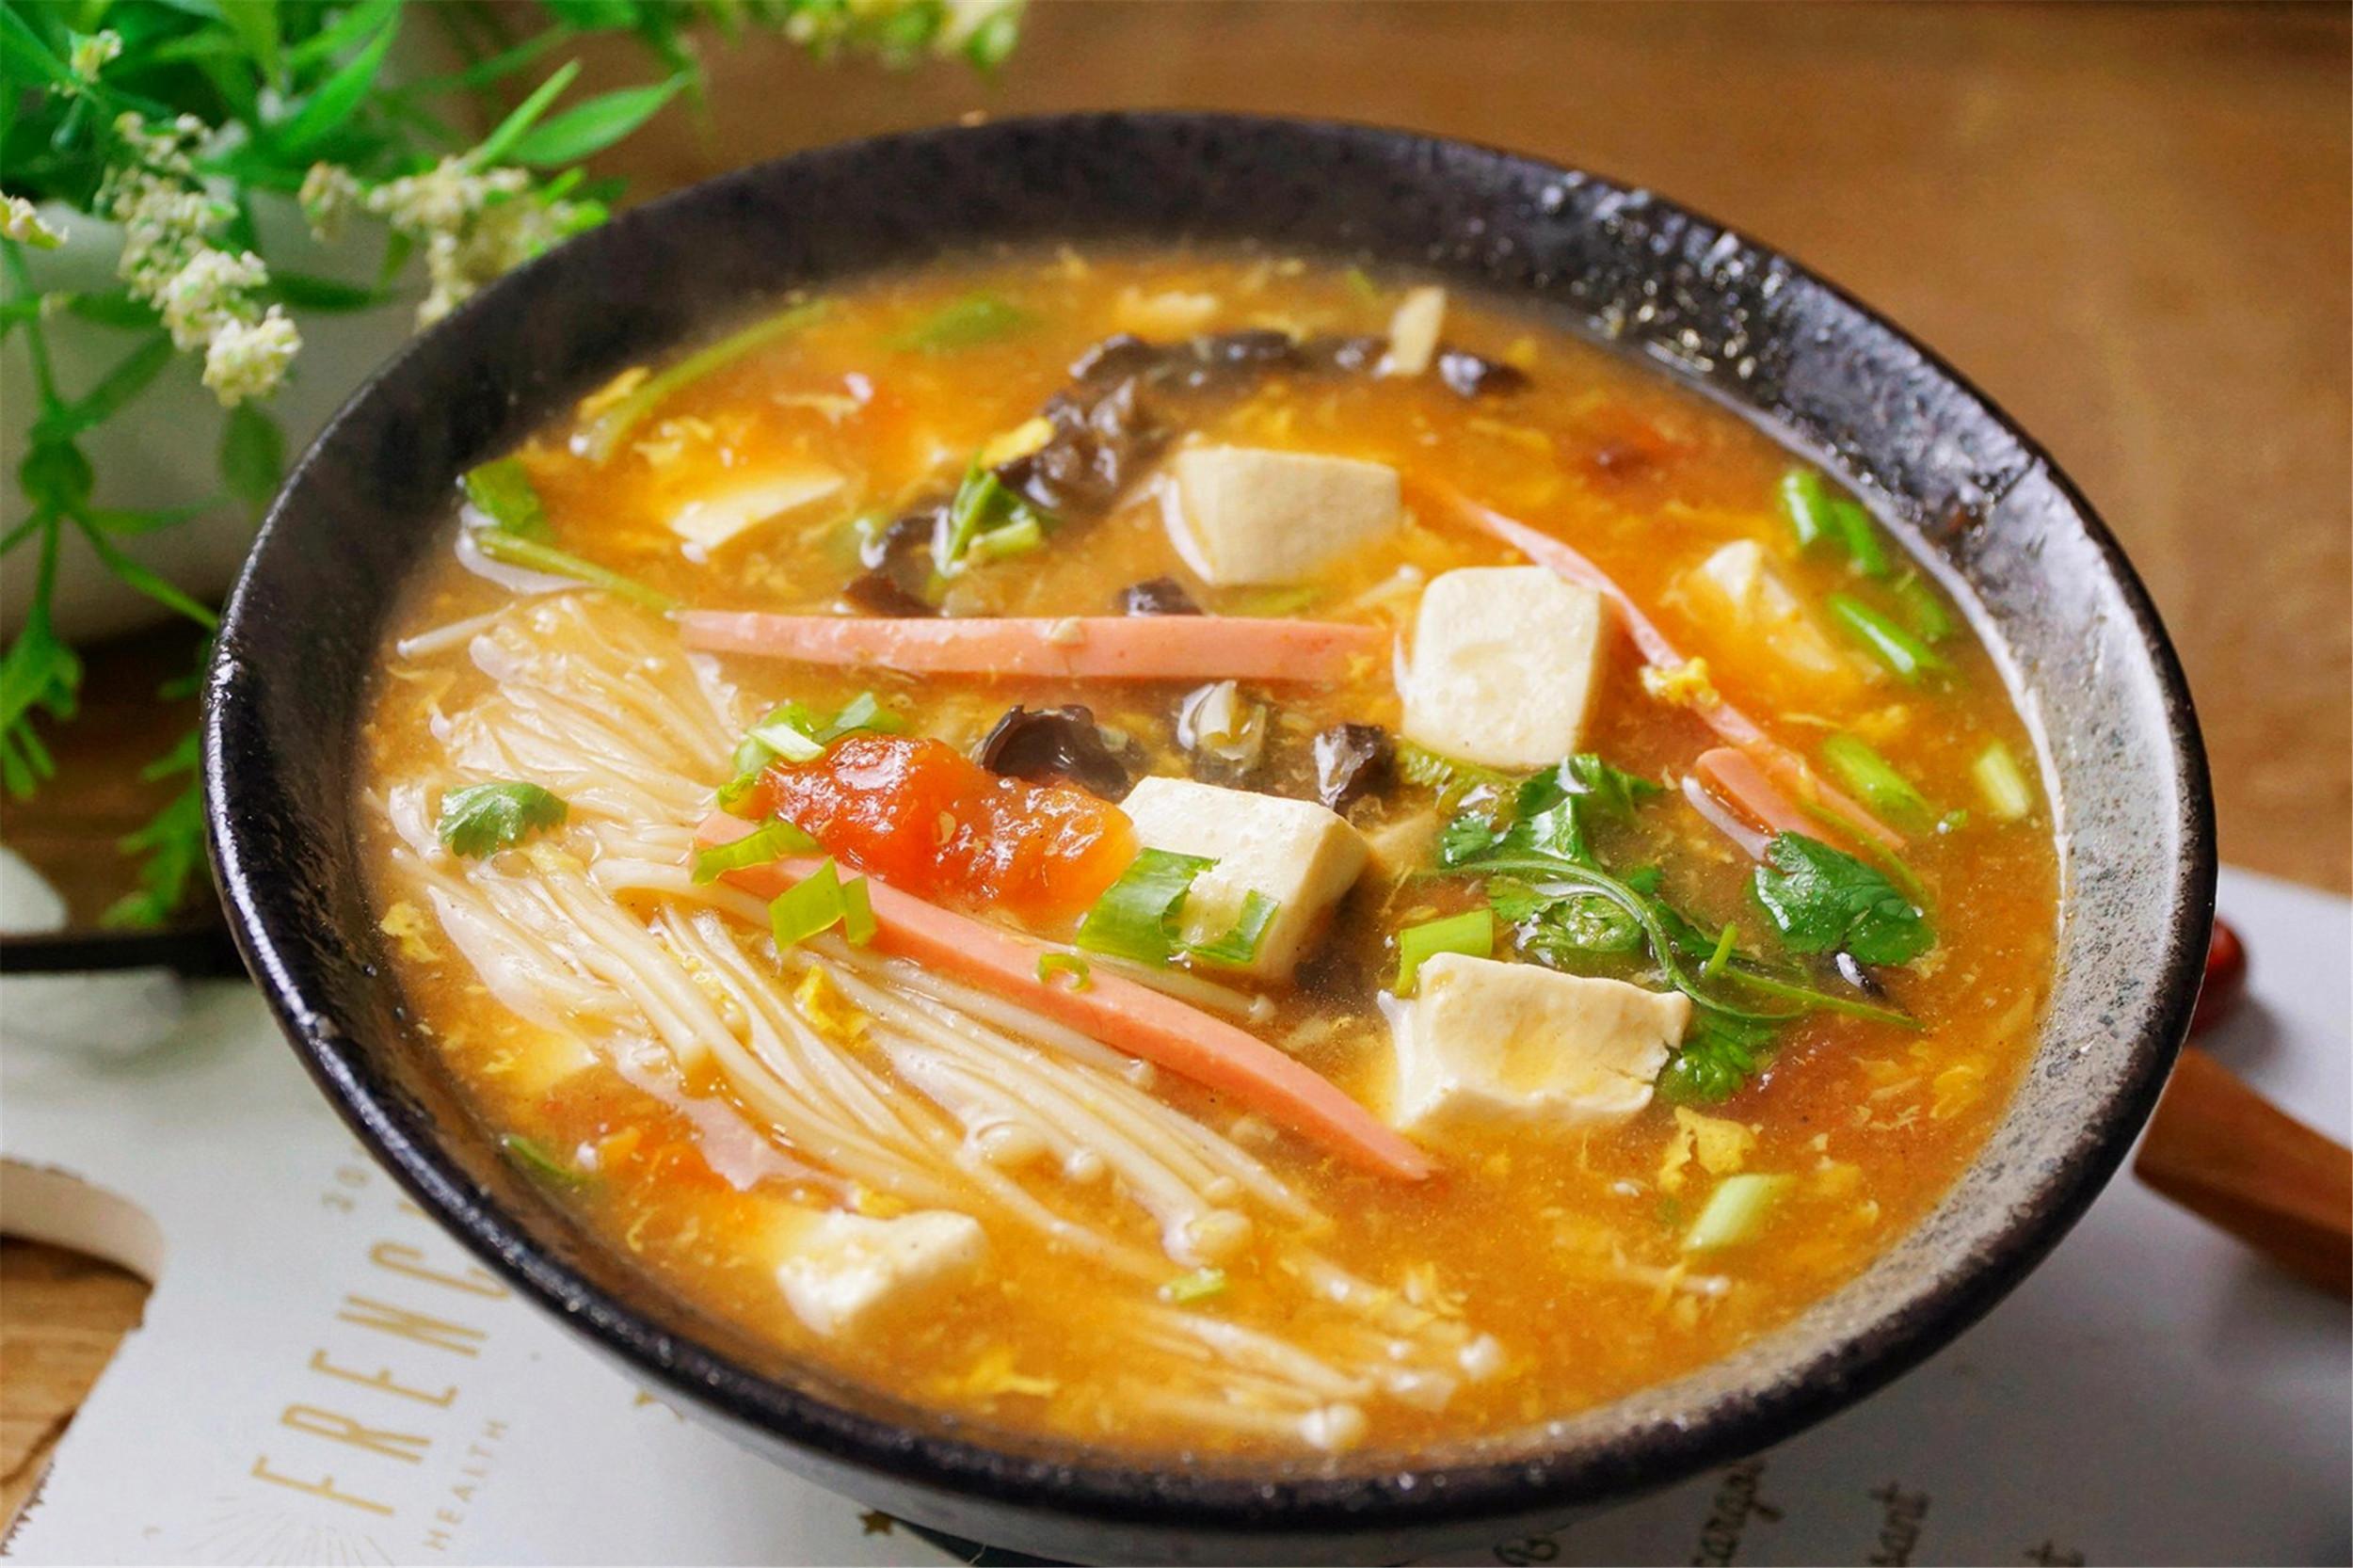 年底聚餐用的上,豆腐6种吃不烦的做法,有滋有味,不比吃肉差 美食做法 第10张